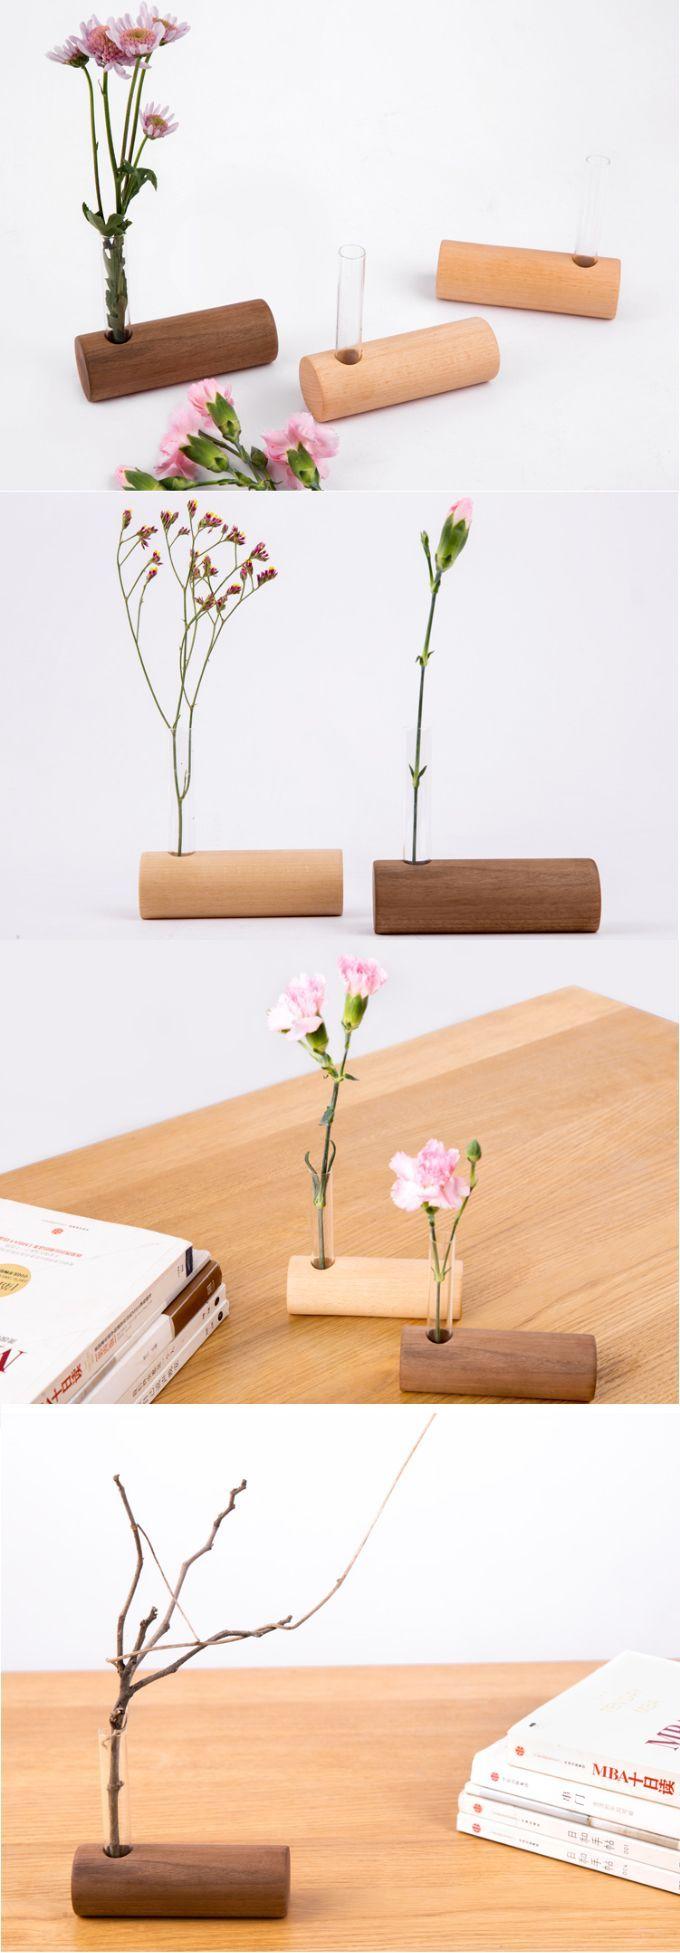 Holzfuß stand glas reagenzglas pflanzer blumentopf vase holz blumentopf garten bastelideen für den adventsbasar pinterest madera